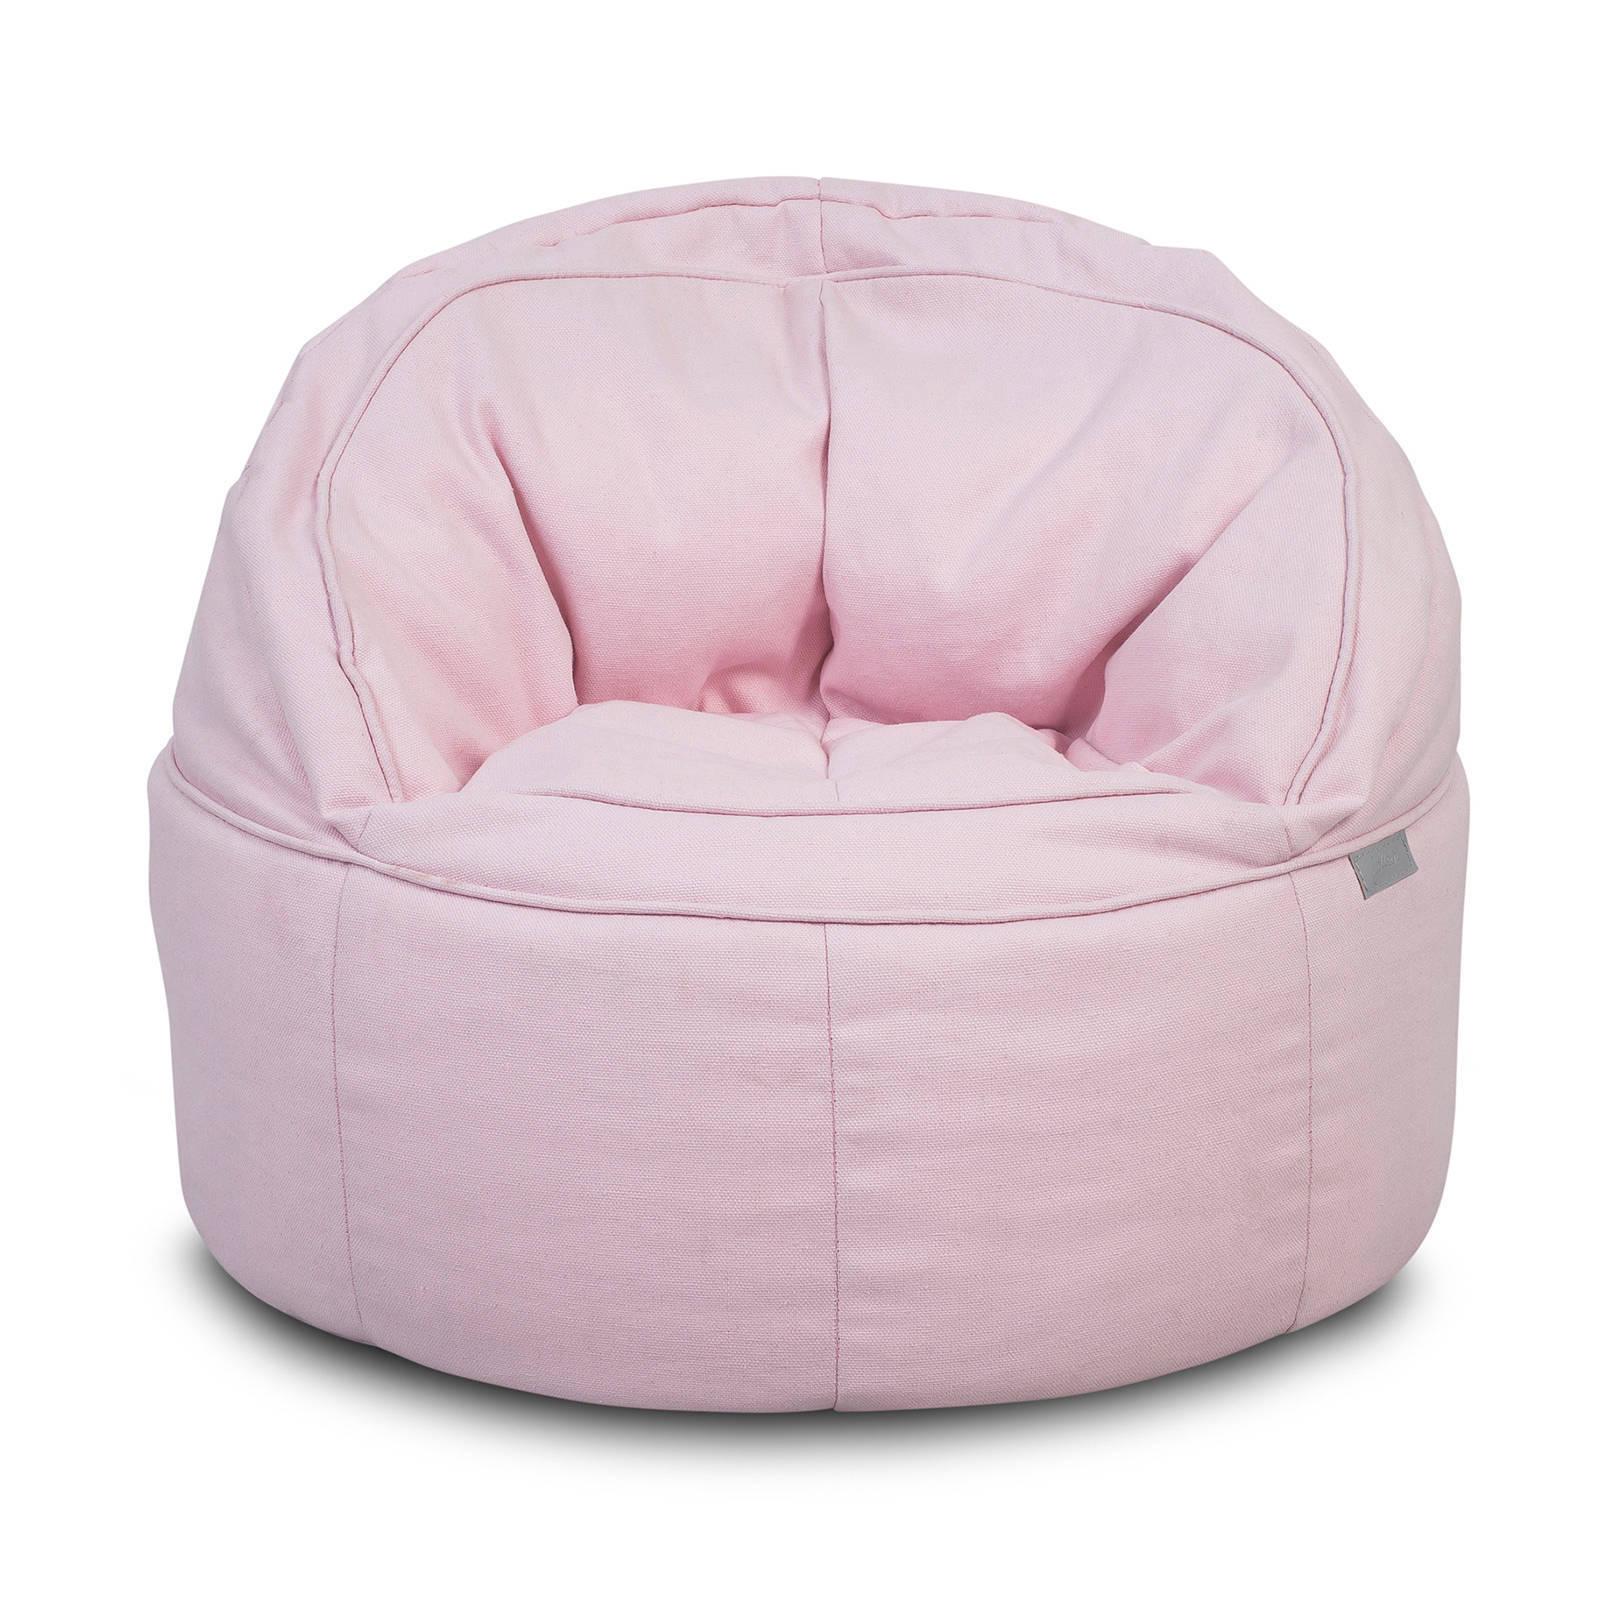 Roze Zitzak Stoel.Kinderstoelen Bij Wehkamp Gratis Bezorging Vanaf 20